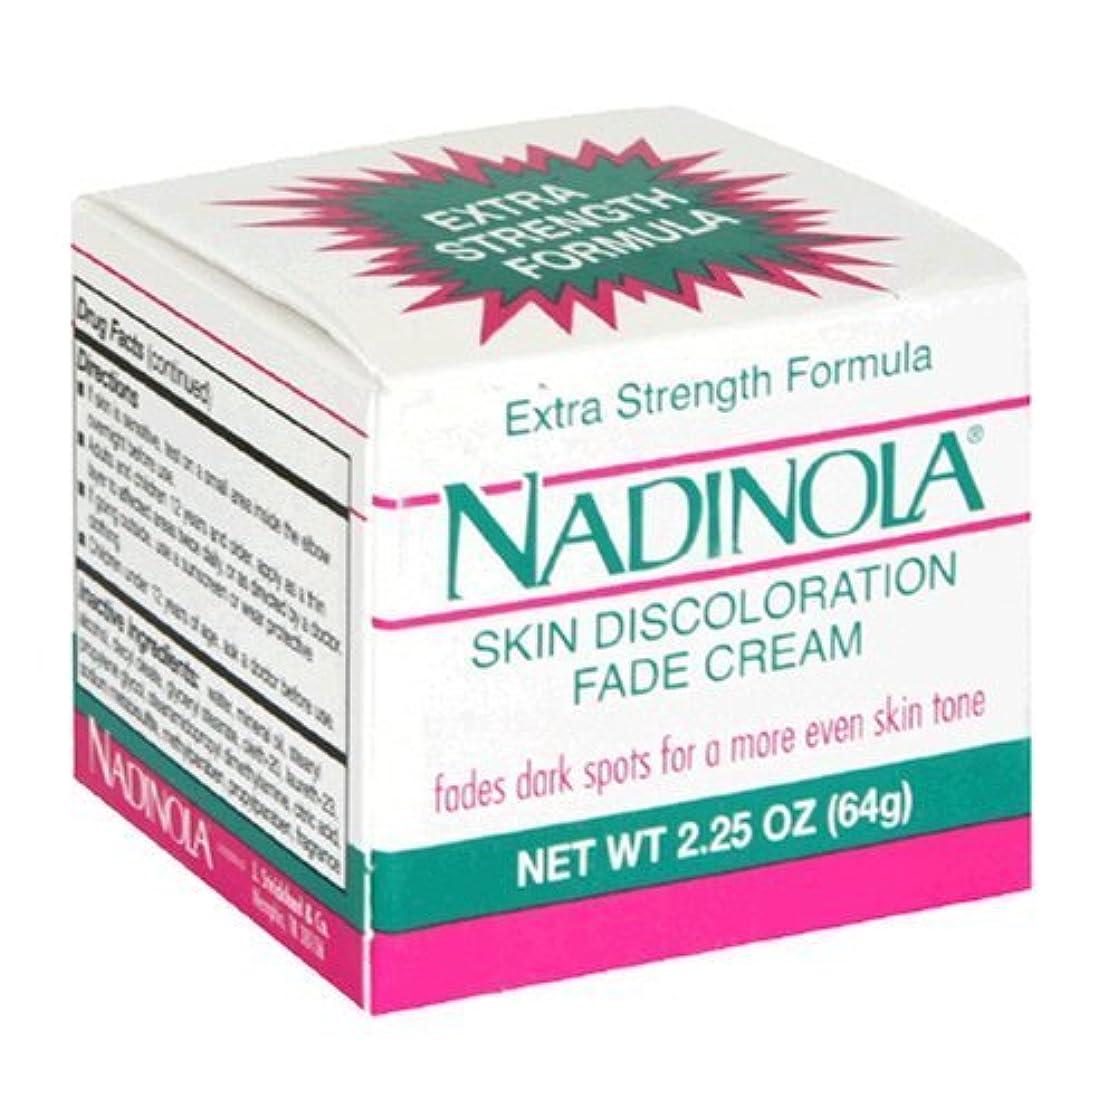 旅行者会計メンタリティNadinola Discoloration Fade Cream 2.25oz Extra Strength (並行輸入品)